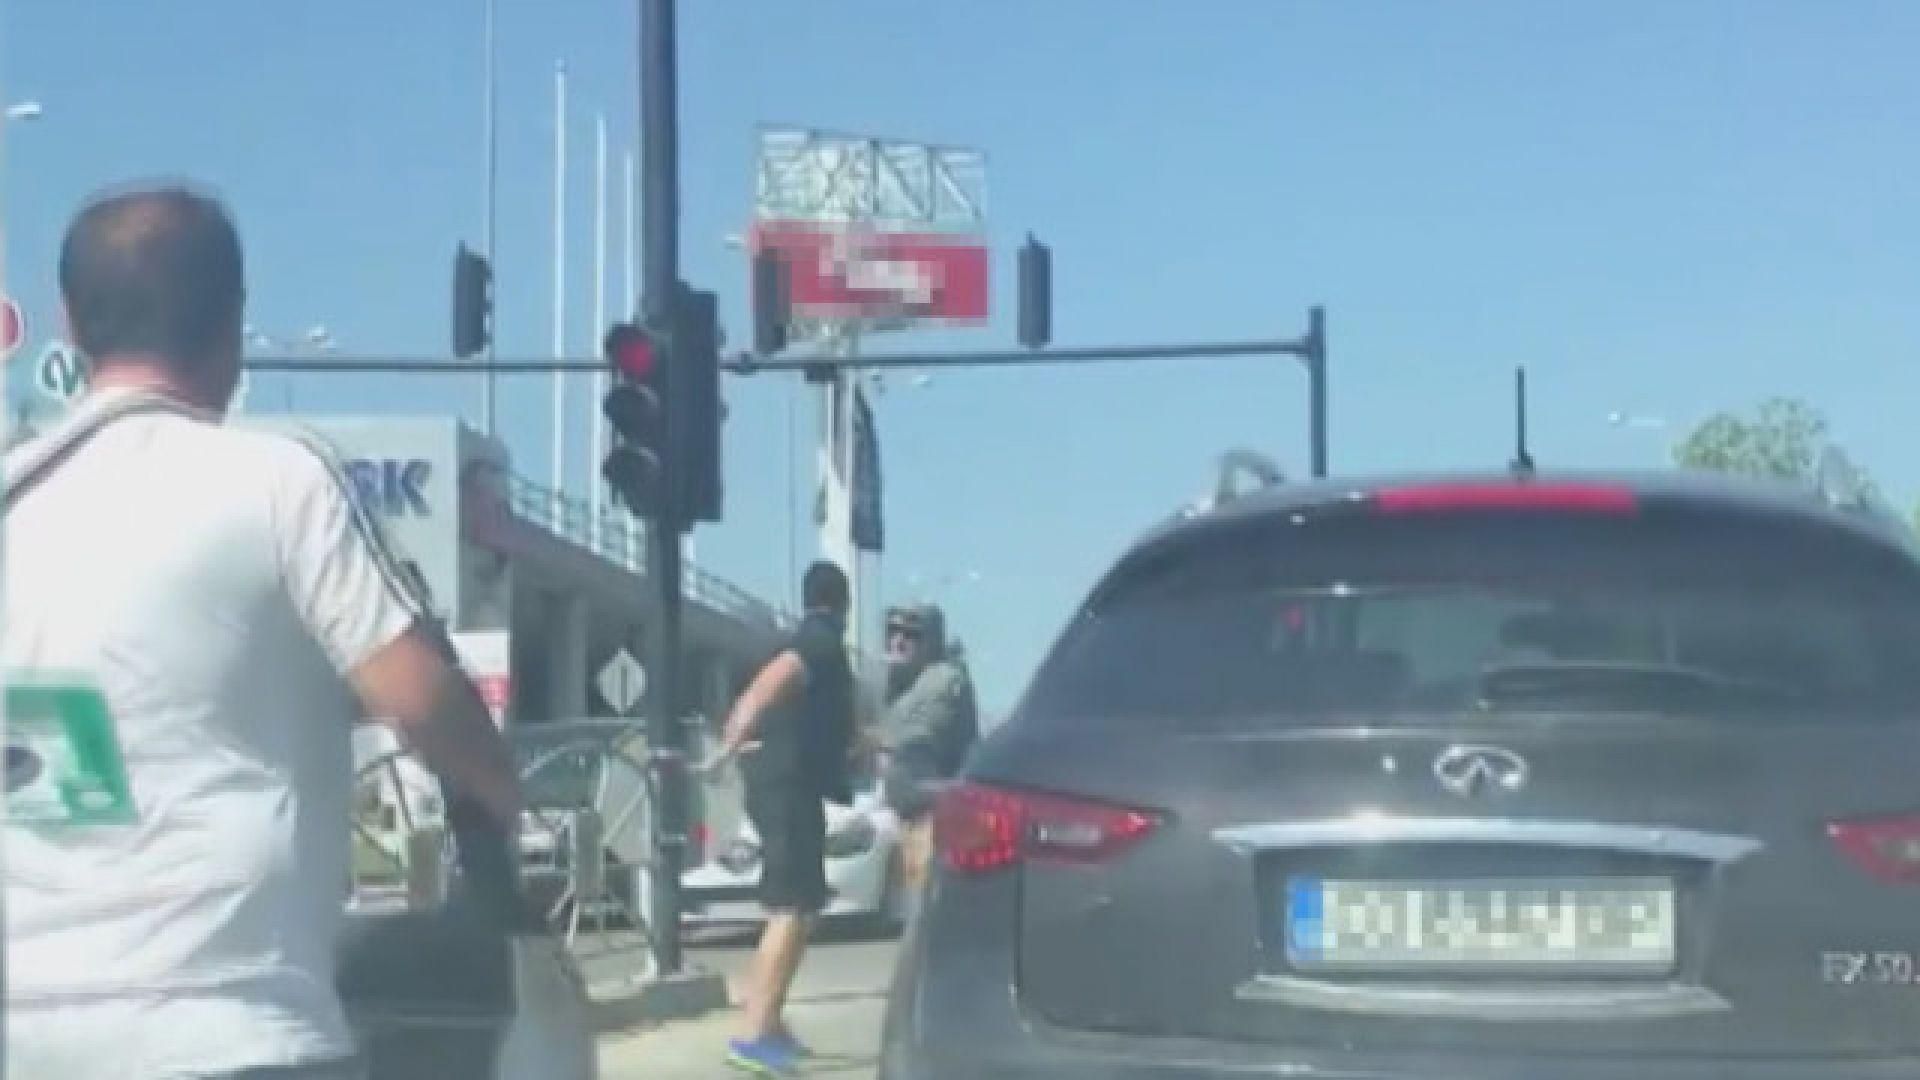 С акт за хулиганство приключи спора на пътя в Търново